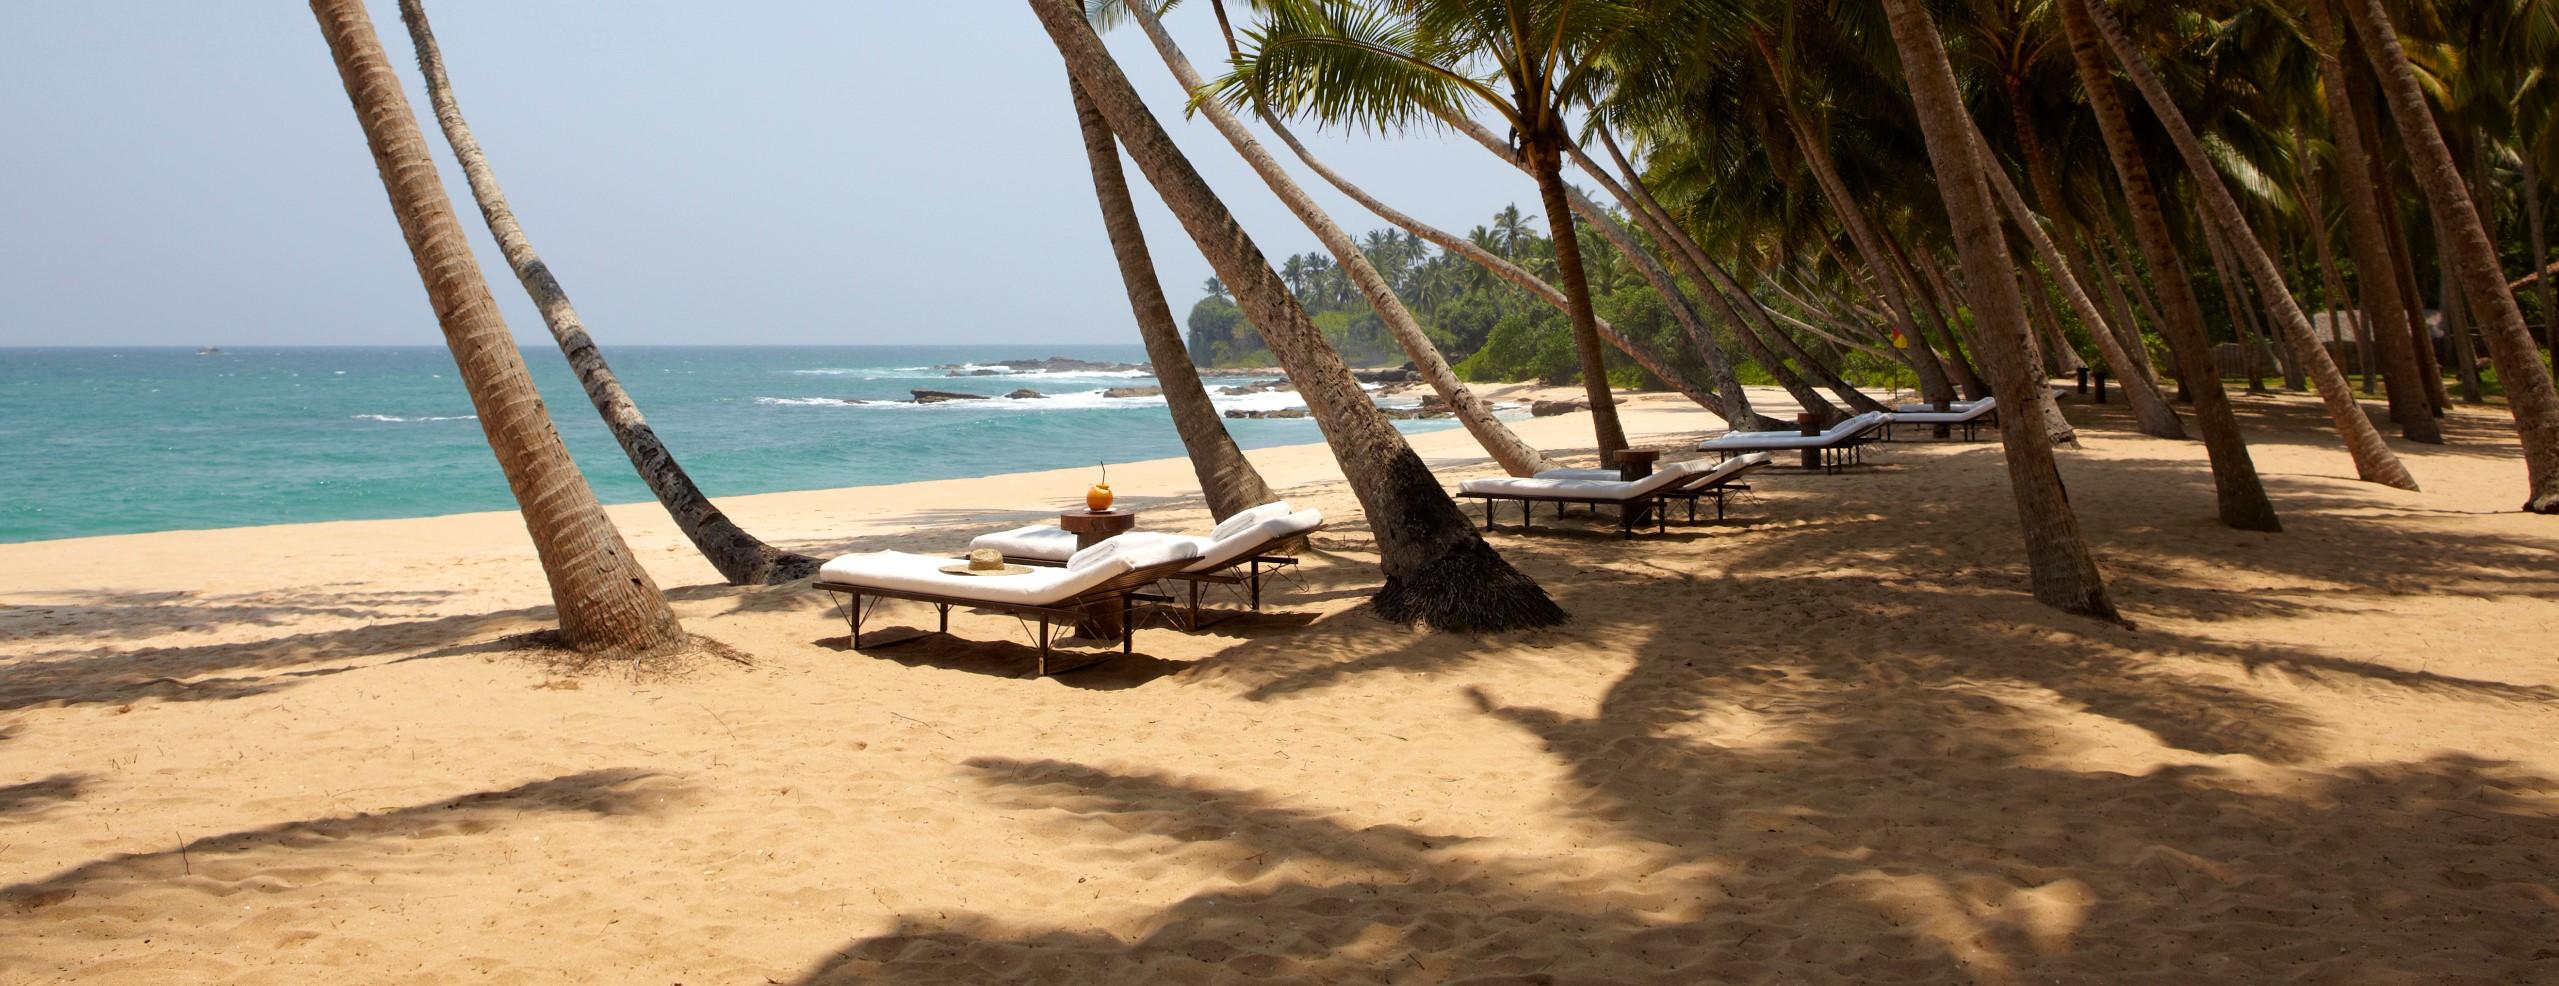 Amanwella-Sri-Lanka-Beach-sun-loungers